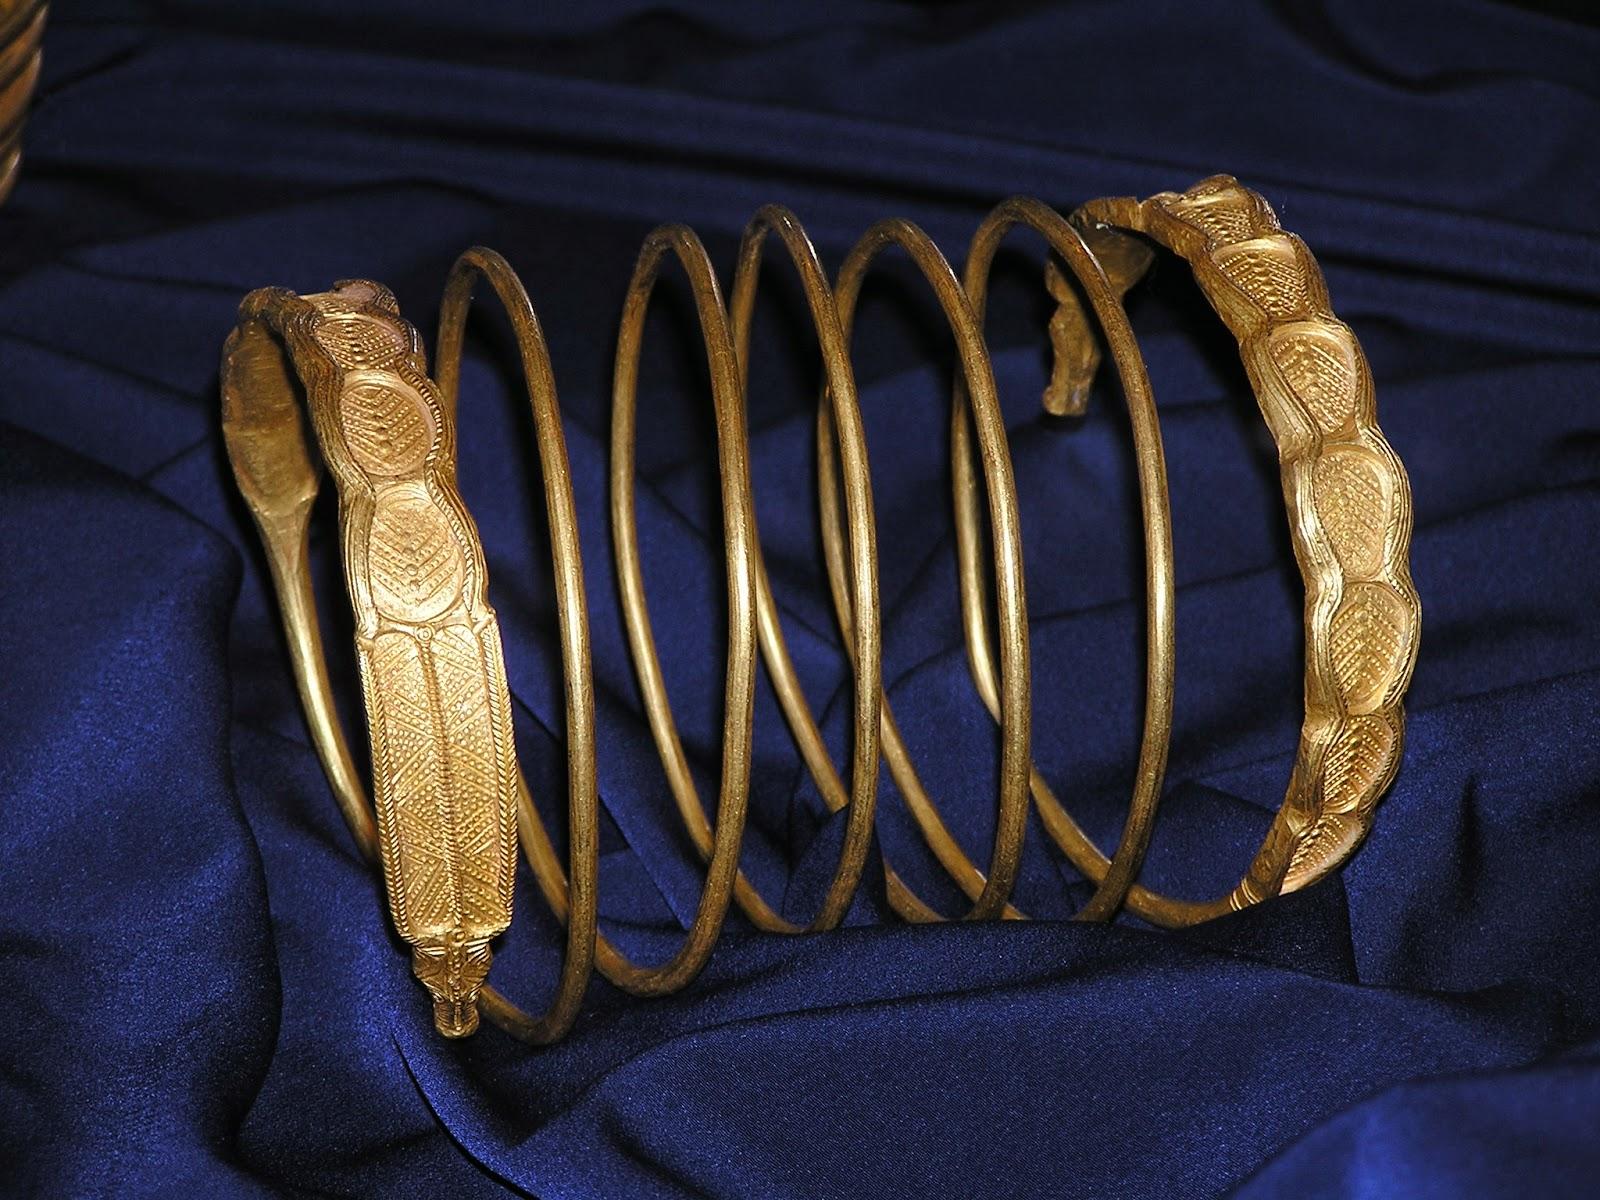 verdens næststørste land spinde strå til guld